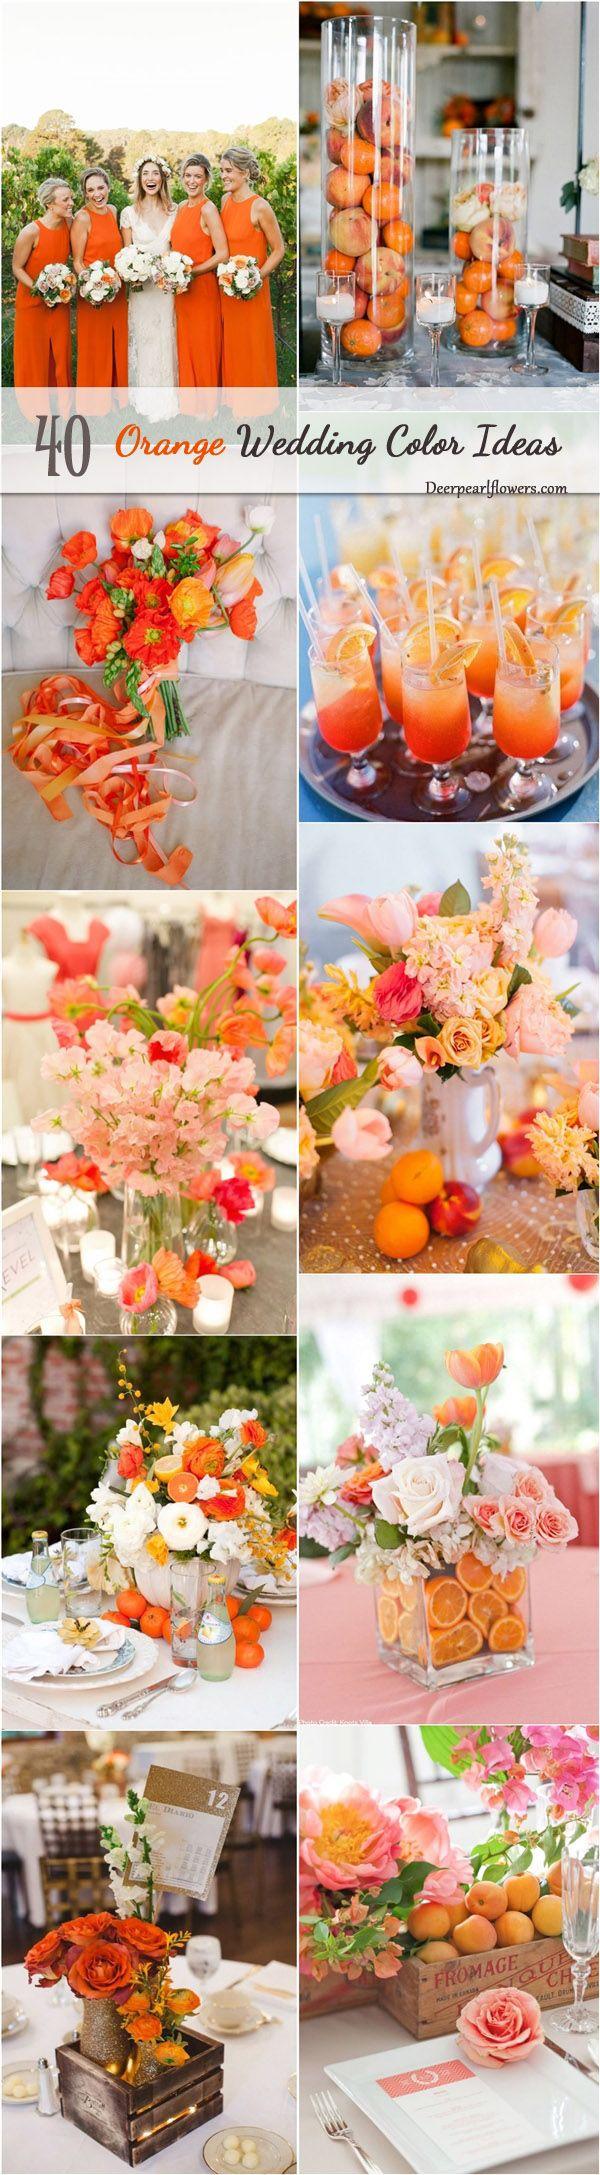 0d7c7337d98 fall orange wedding color ideas   http   www.deerpearlflowers.com